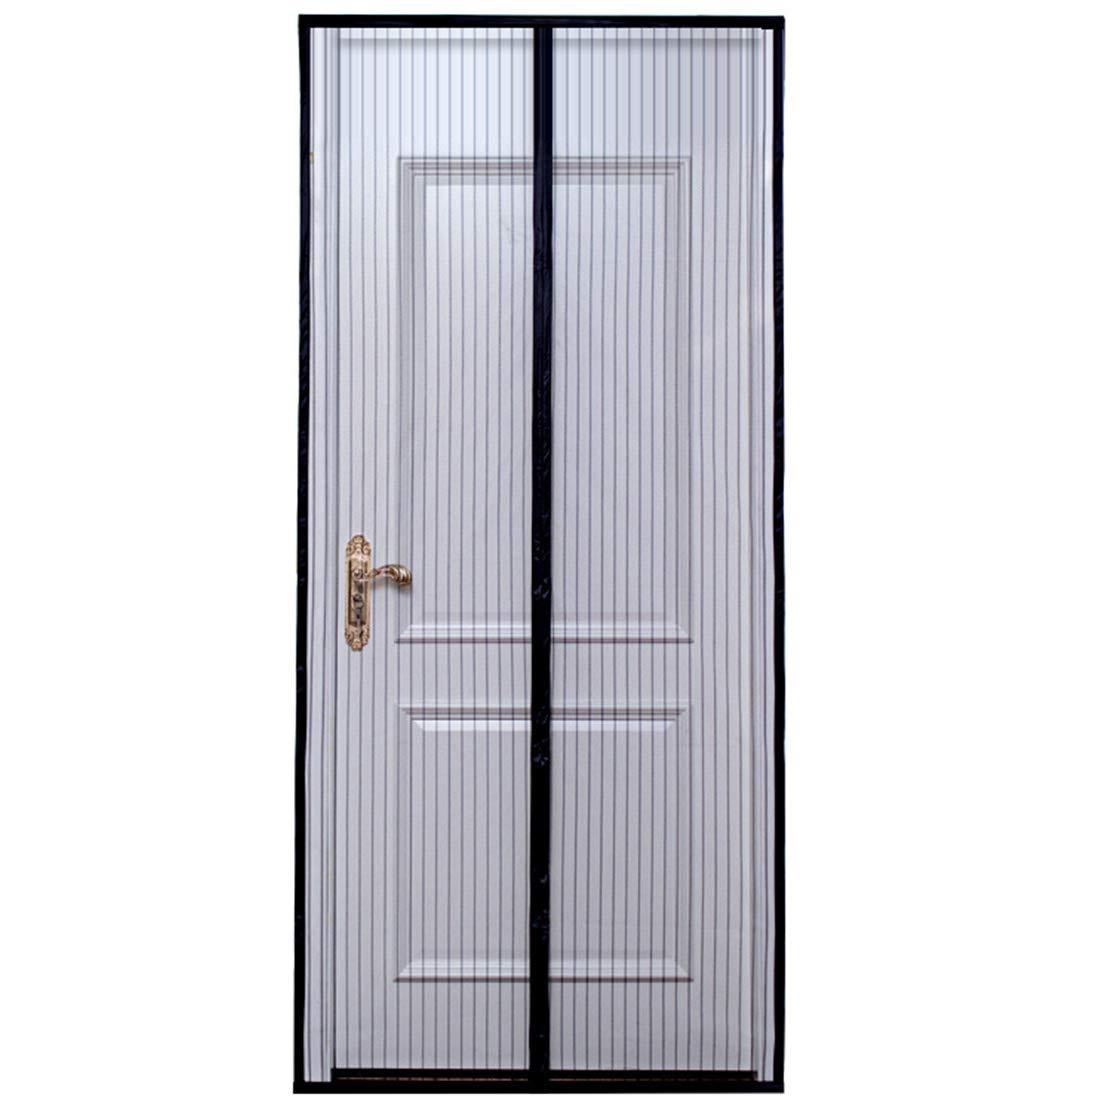 Magnetic Screen Door Mesh Curtain, Fits Doors Up to 34 x 82 Max, Full Frame Velcro, Best Used as Patio Mesh Door, Pet Screen Door